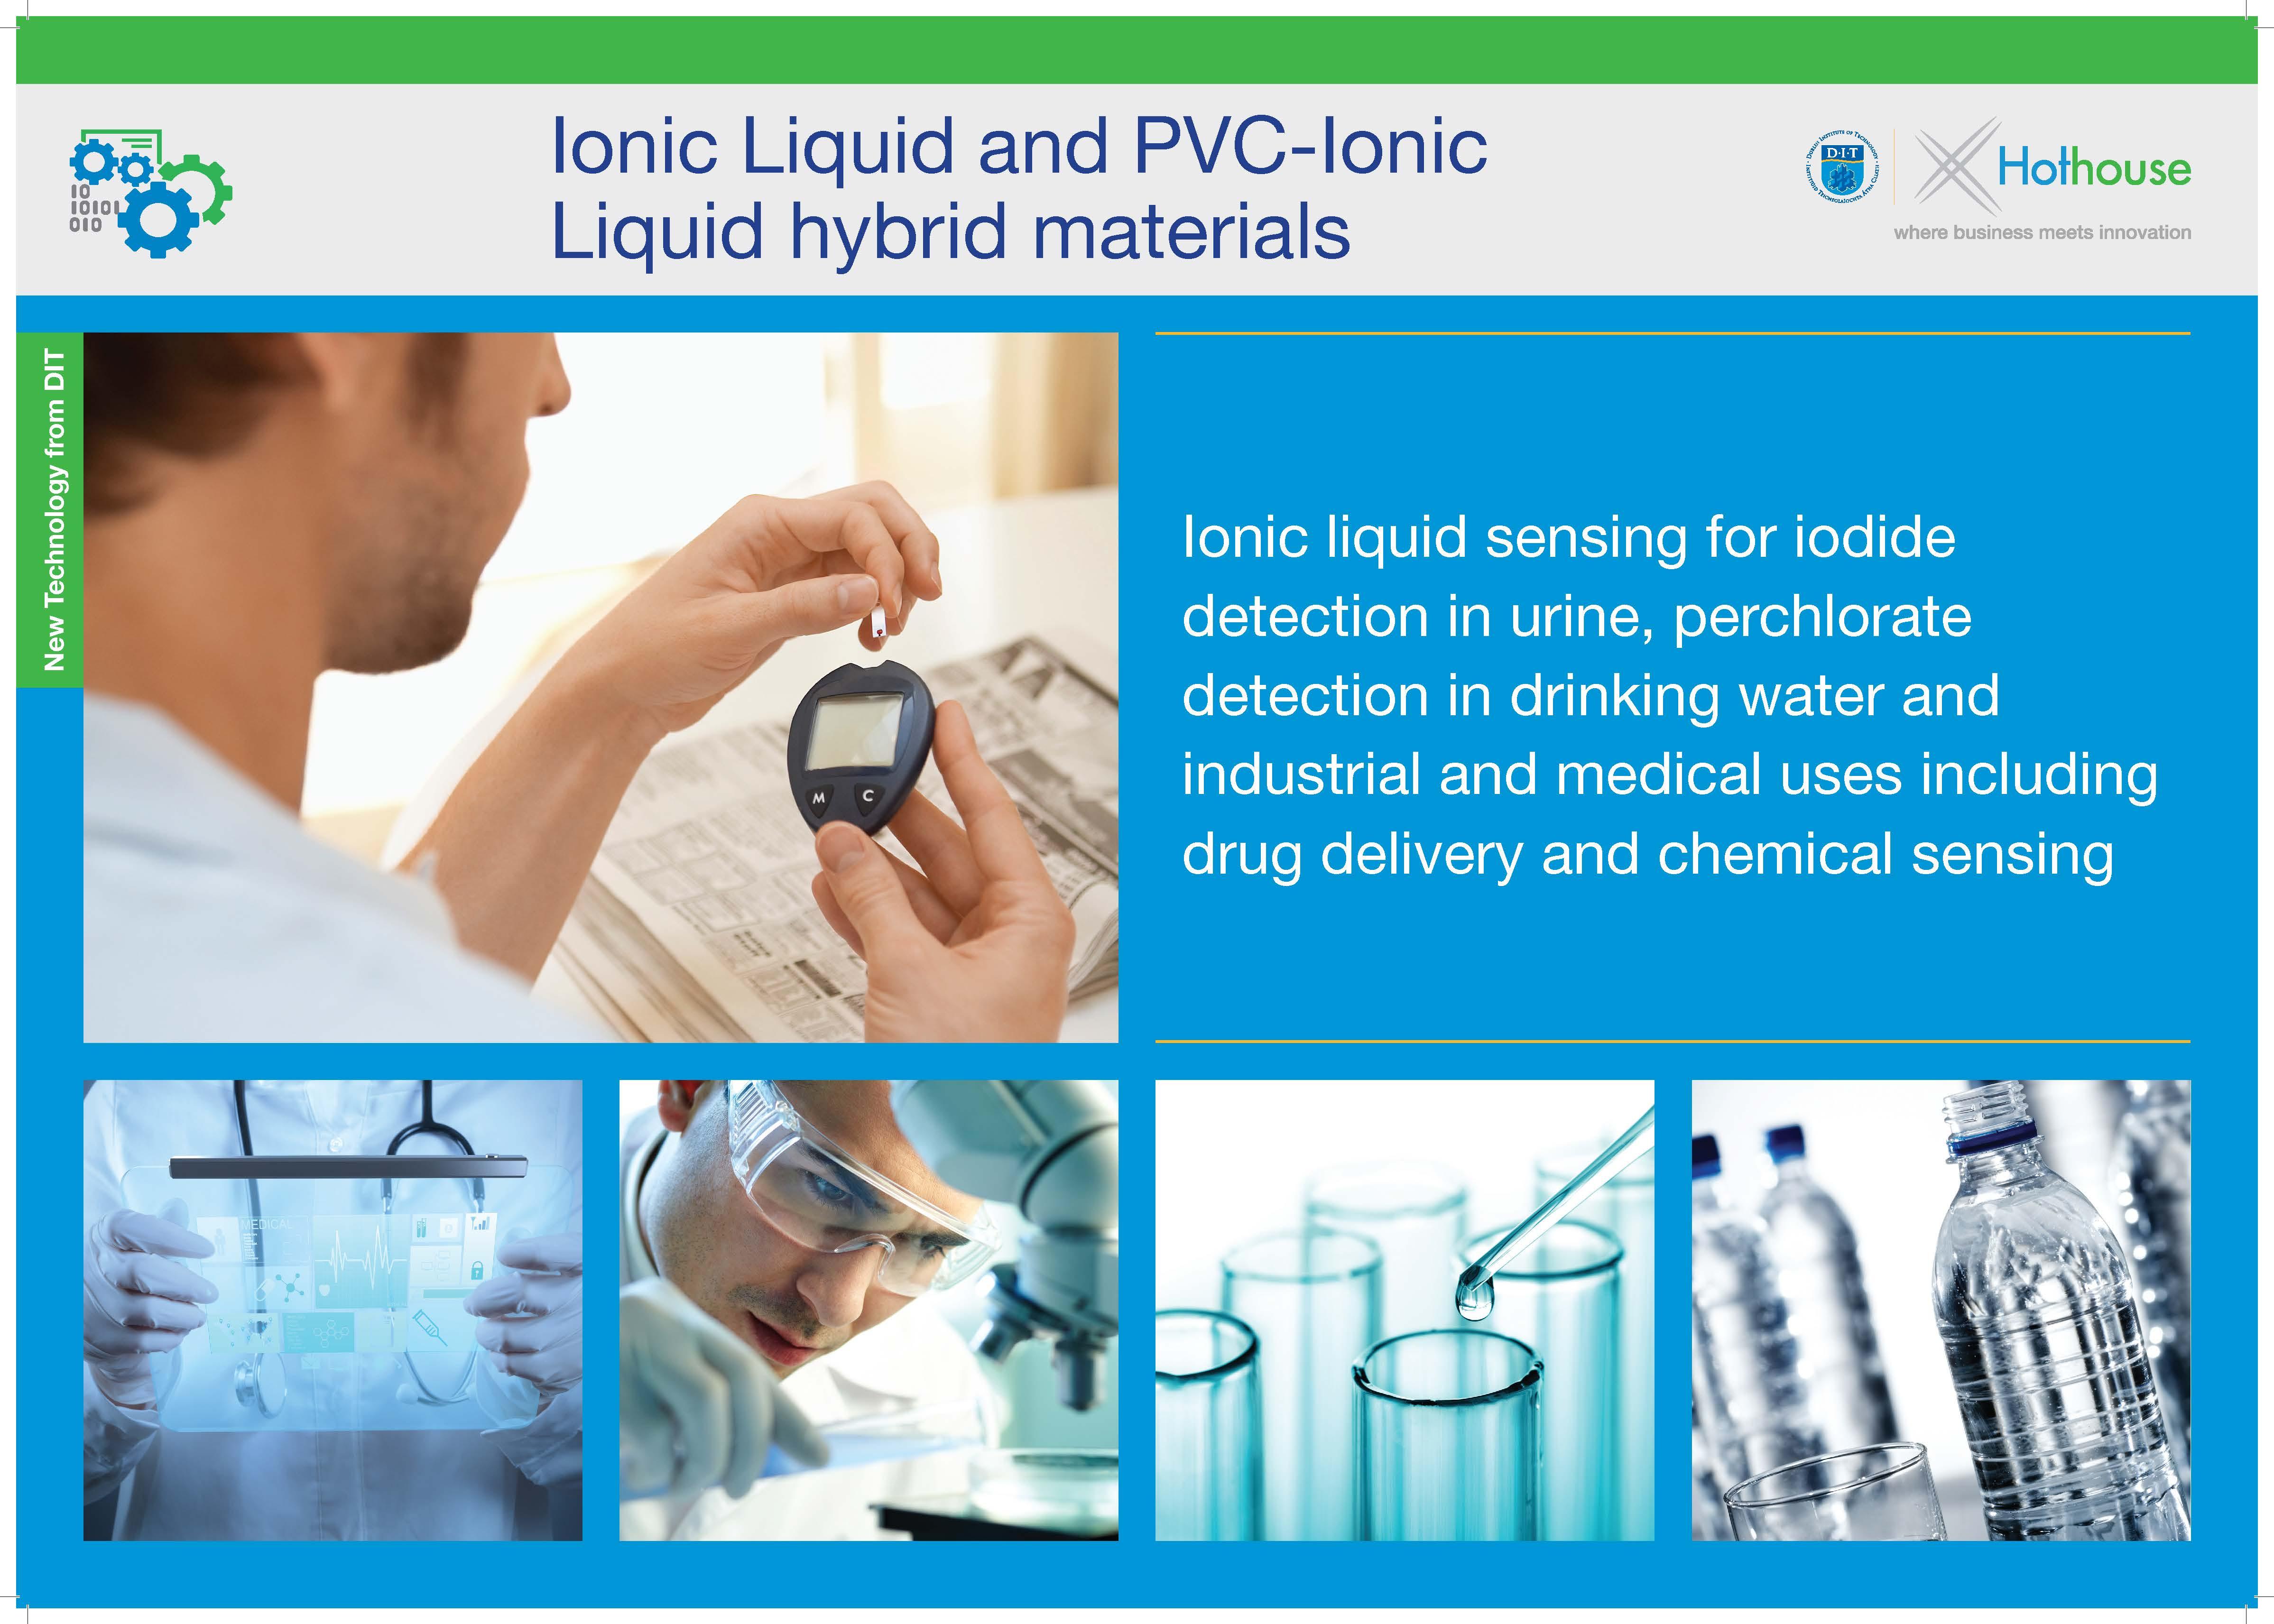 Ionic Liquid Sensing